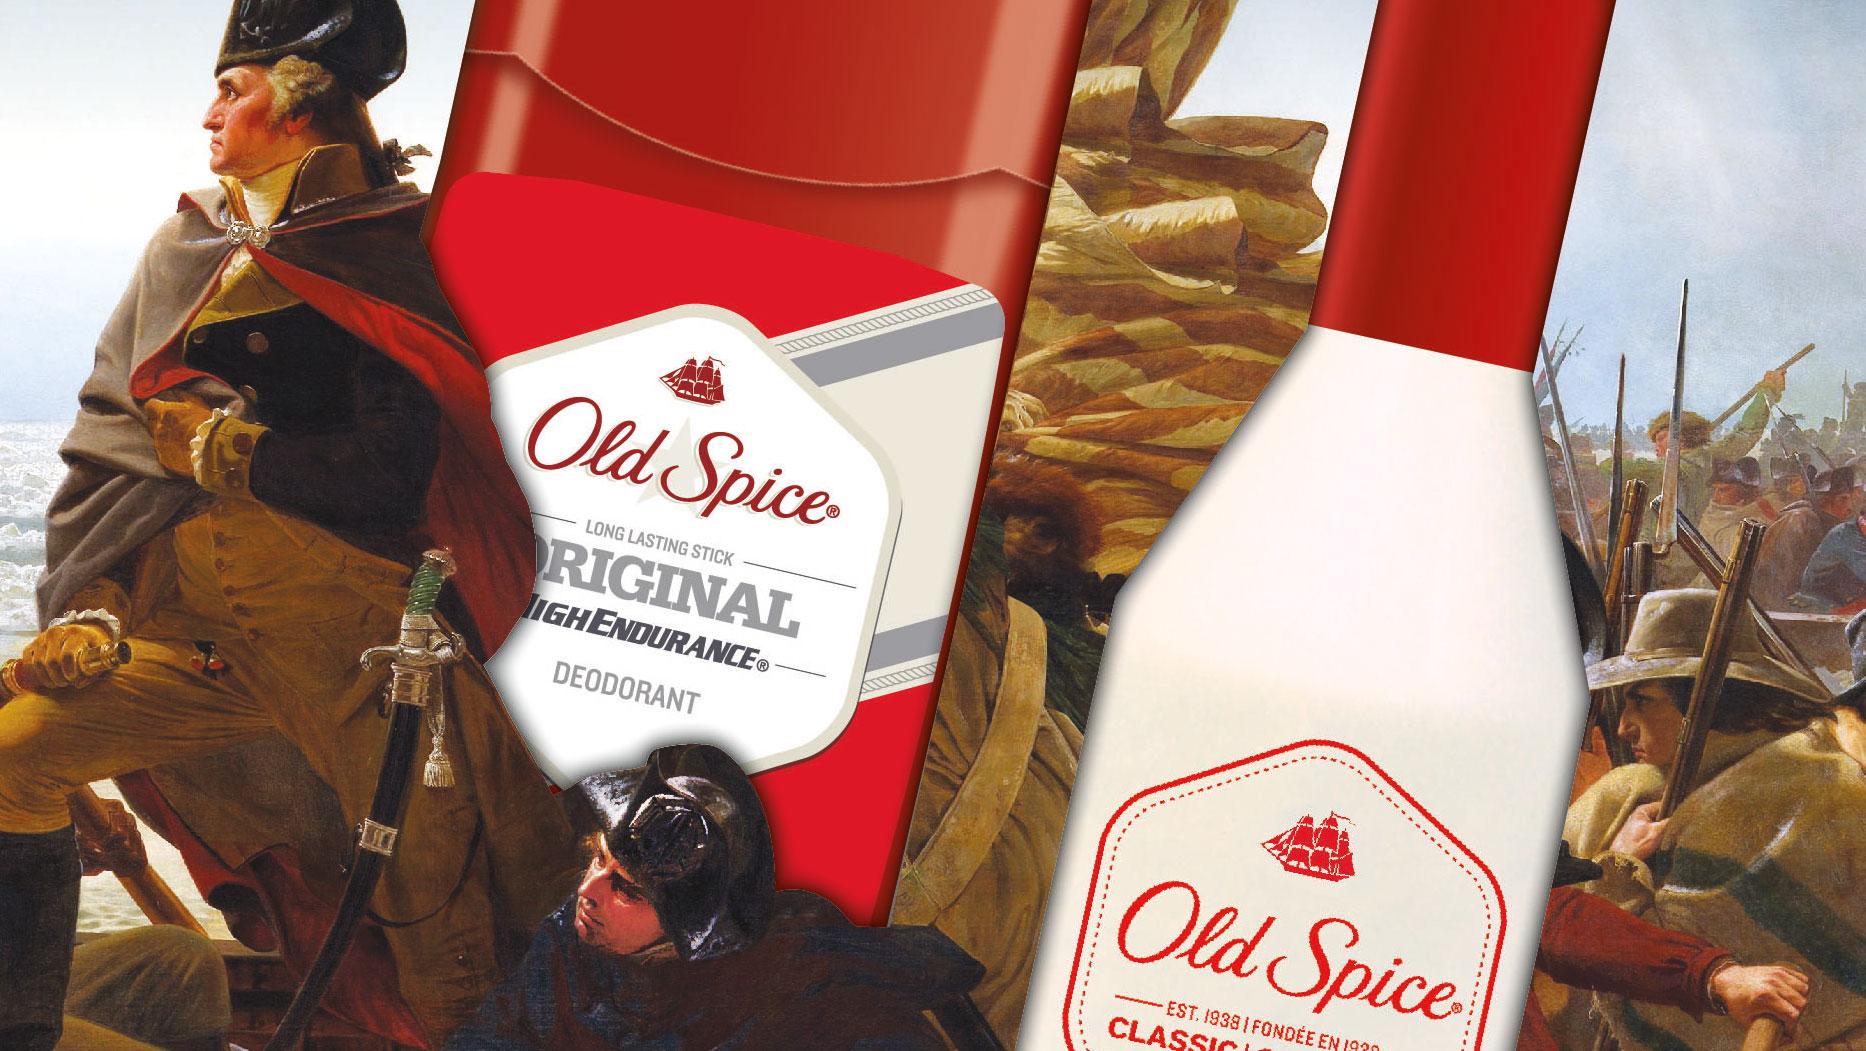 old spice wieden kennedy case study